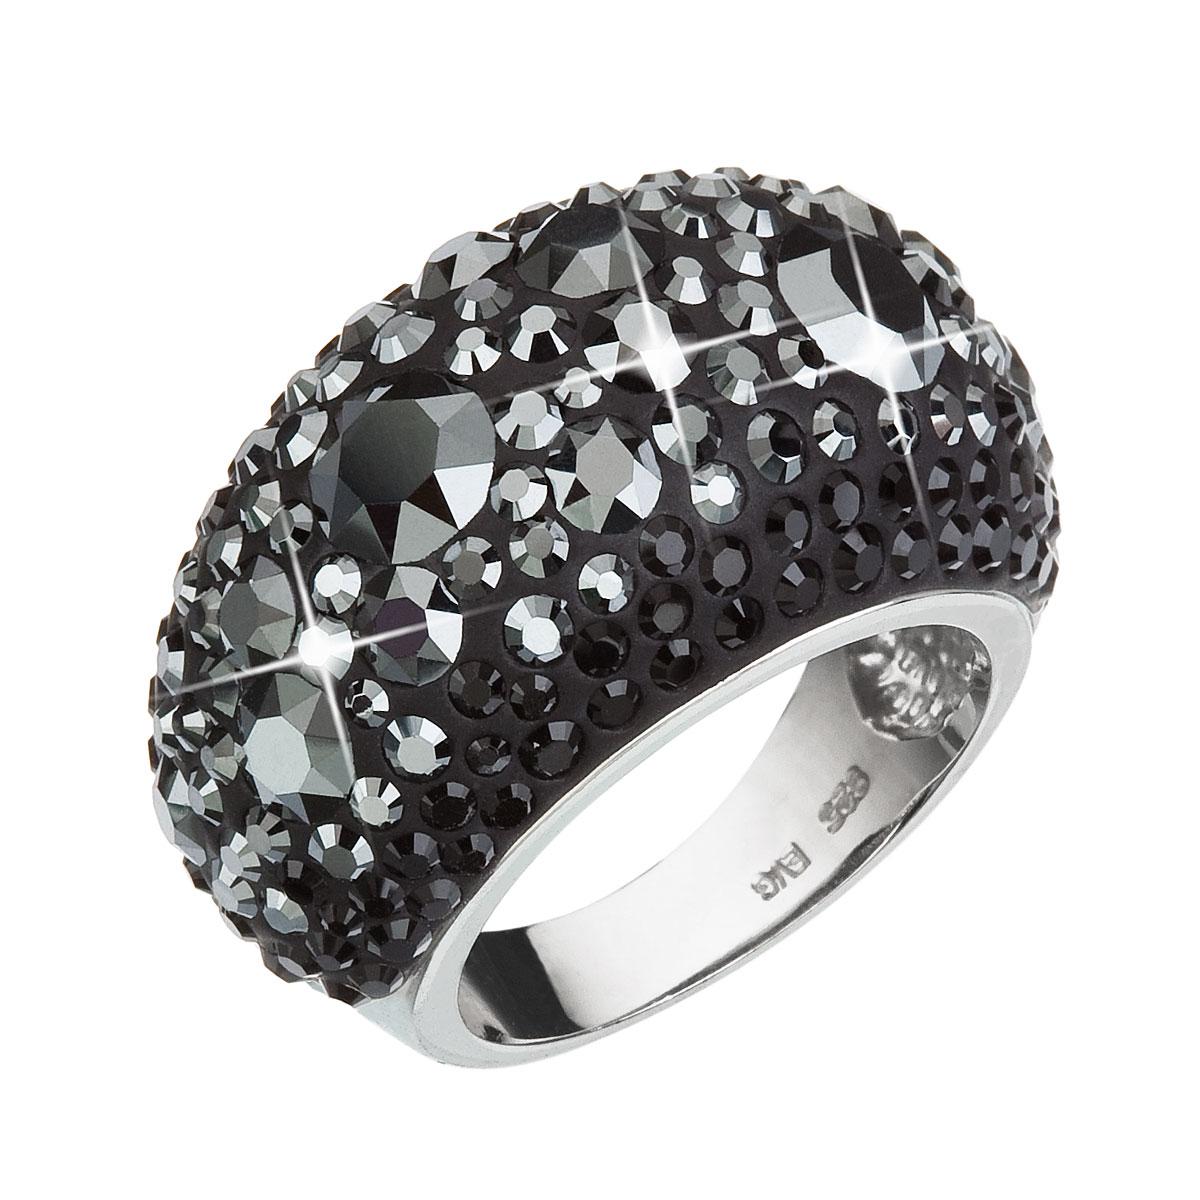 Strieborný prsteň s krištáľmi Swarovski čierny 35028.5